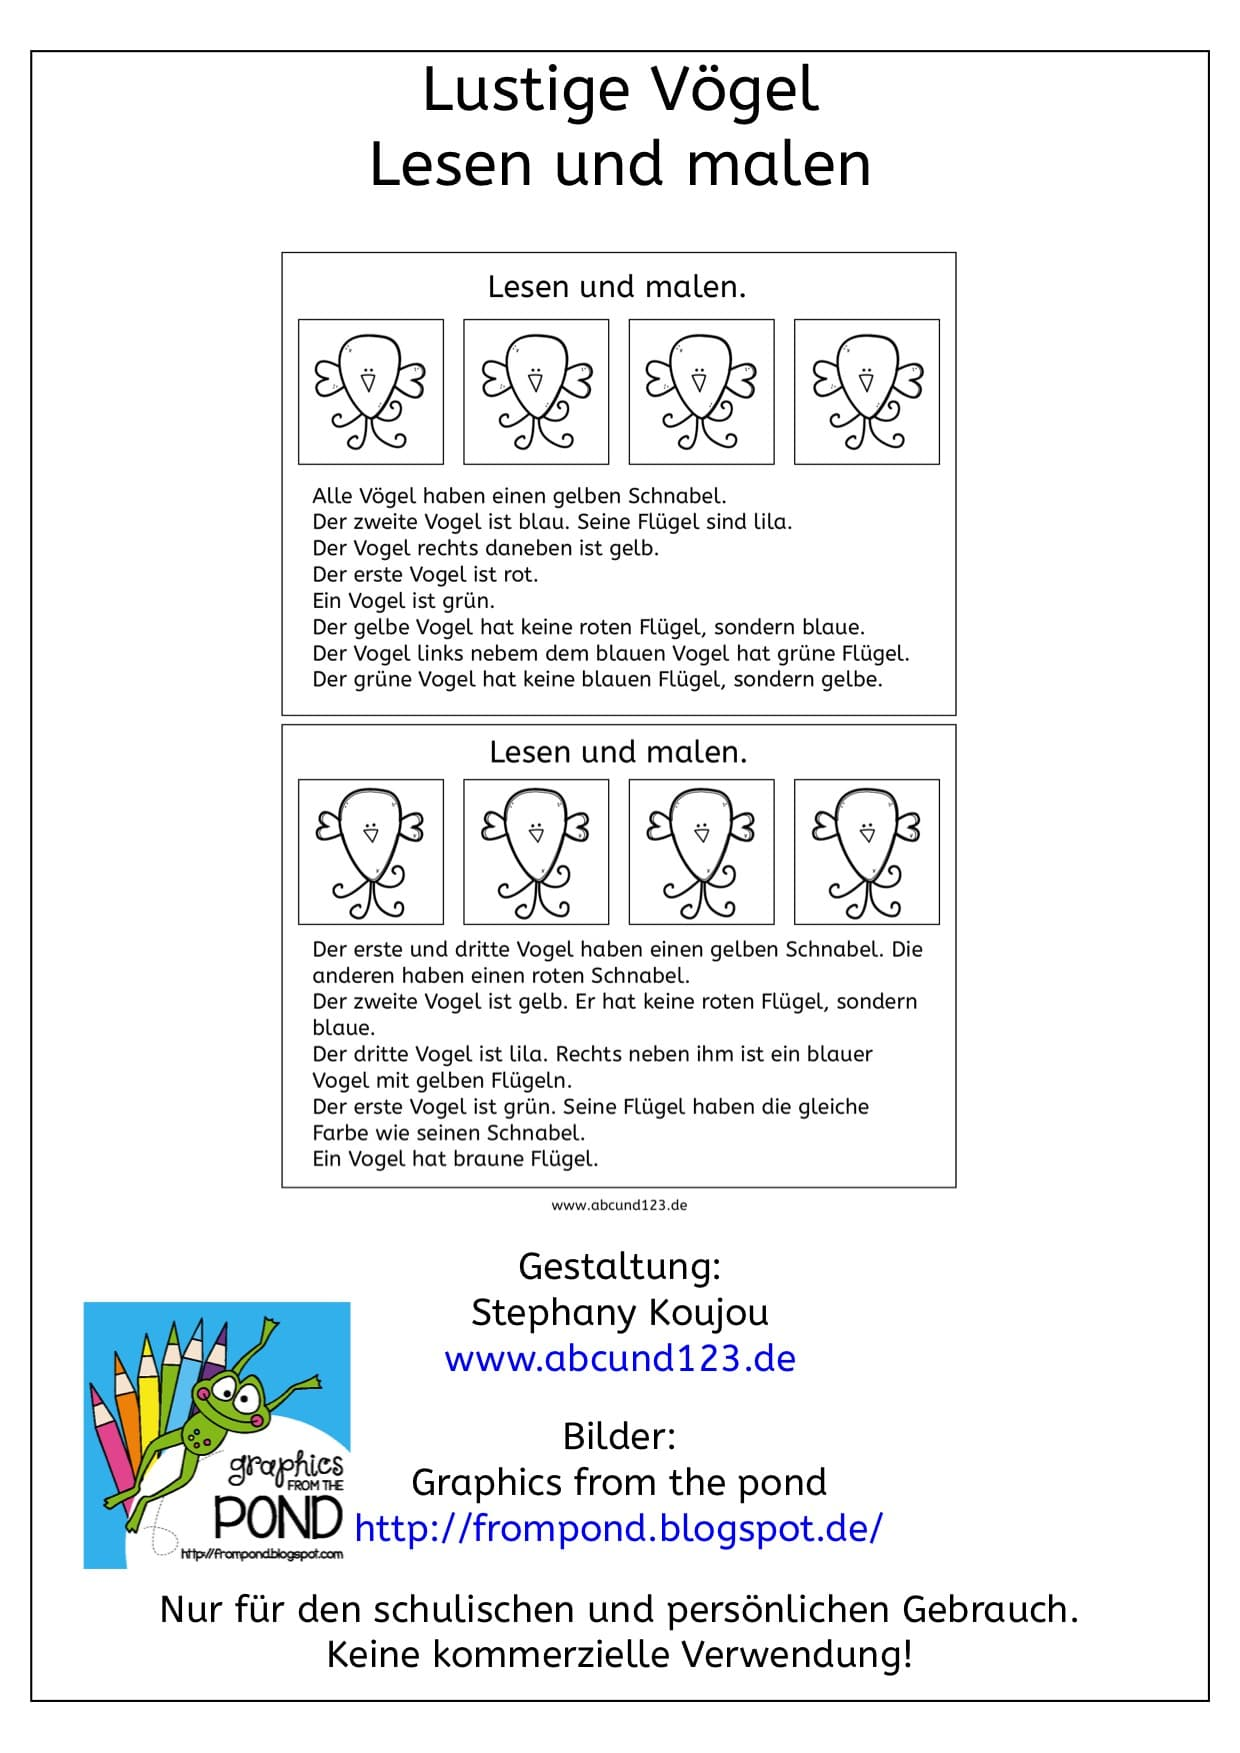 Lustige Vögel, Download, AFS-Methode, Legasthenie, Legasthenietraining, Dyskalkulie, Dyskalkulietraining, lesen, Lesemalblatt, Lesematerial, lesen und malen, Koujou, Stephany Koujou